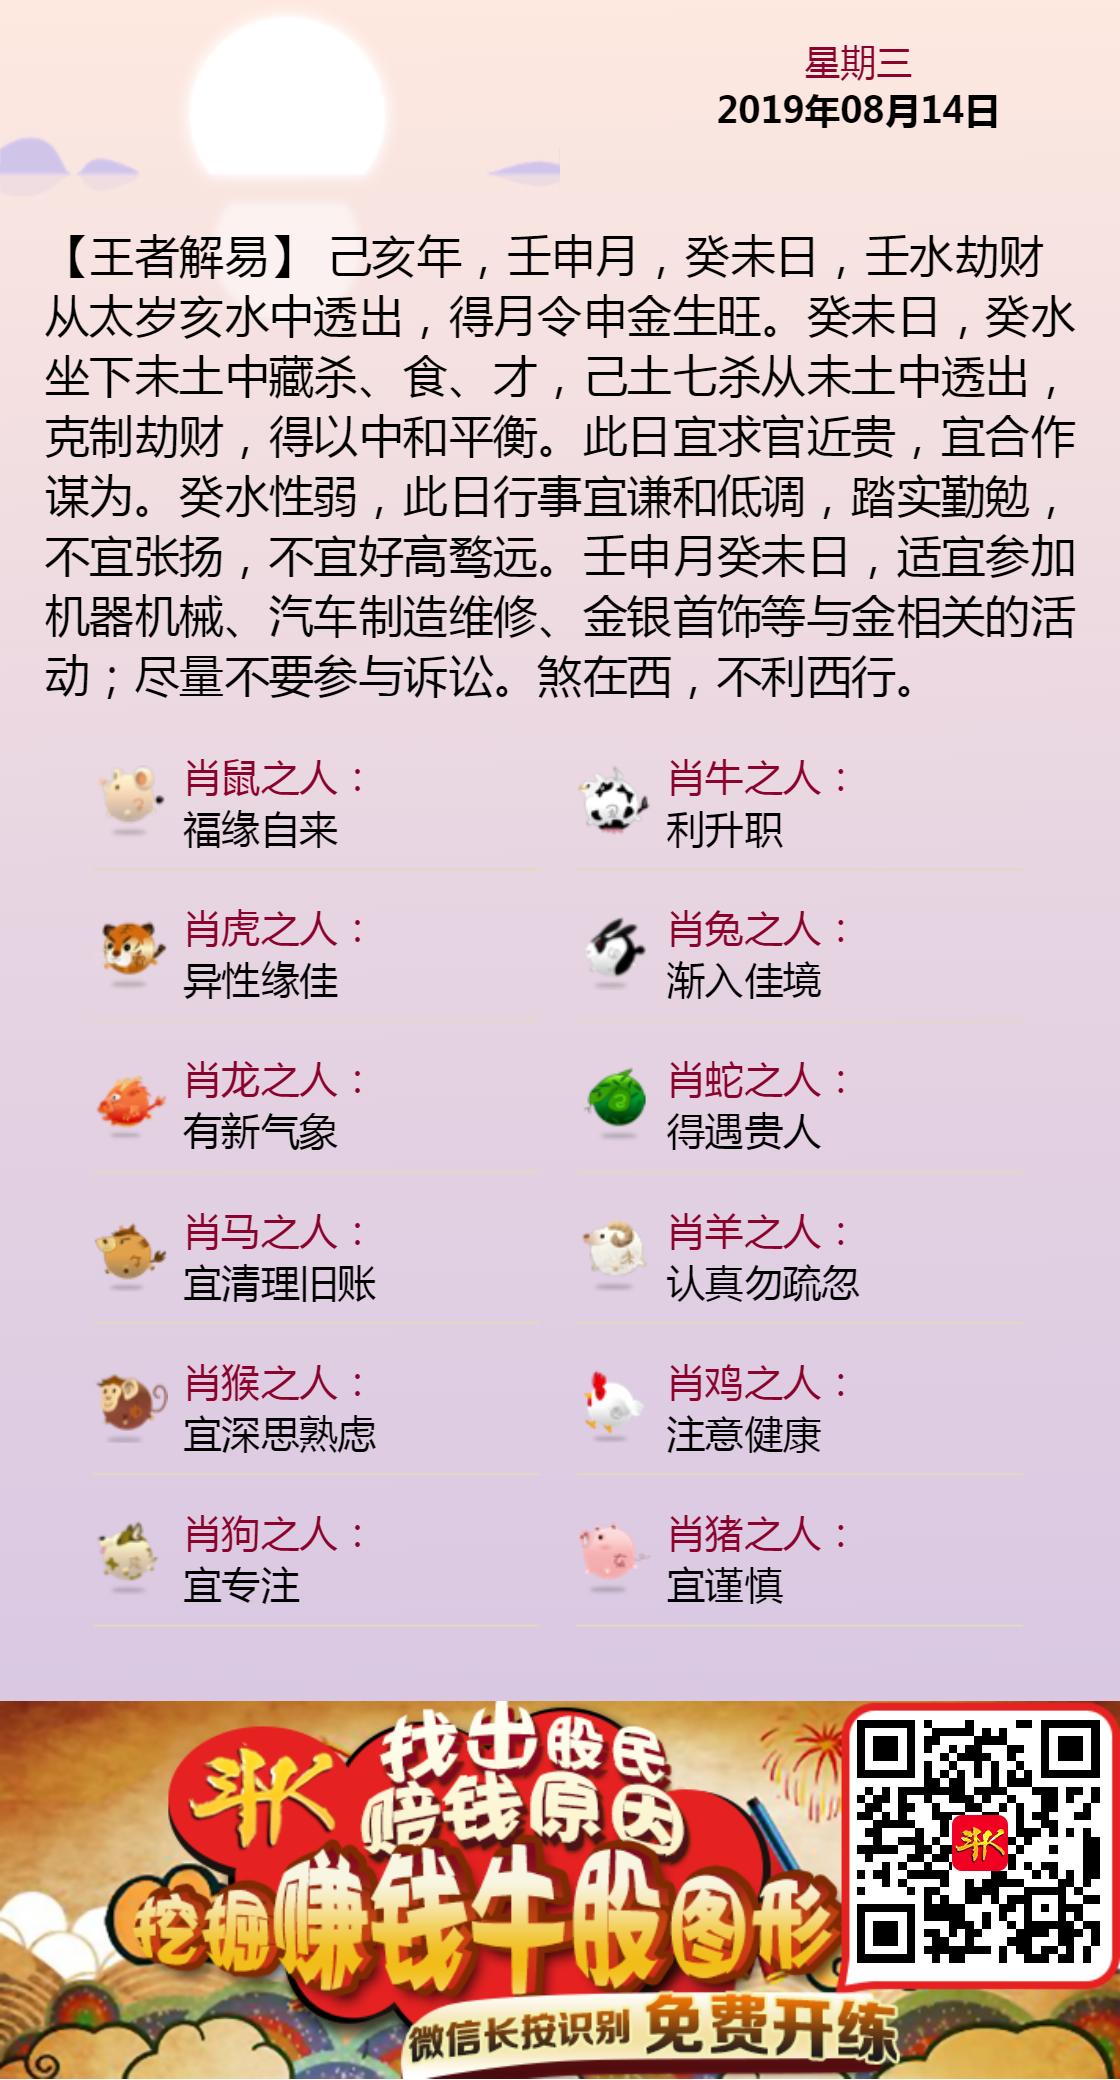 2019.8.14黄历斗K.png